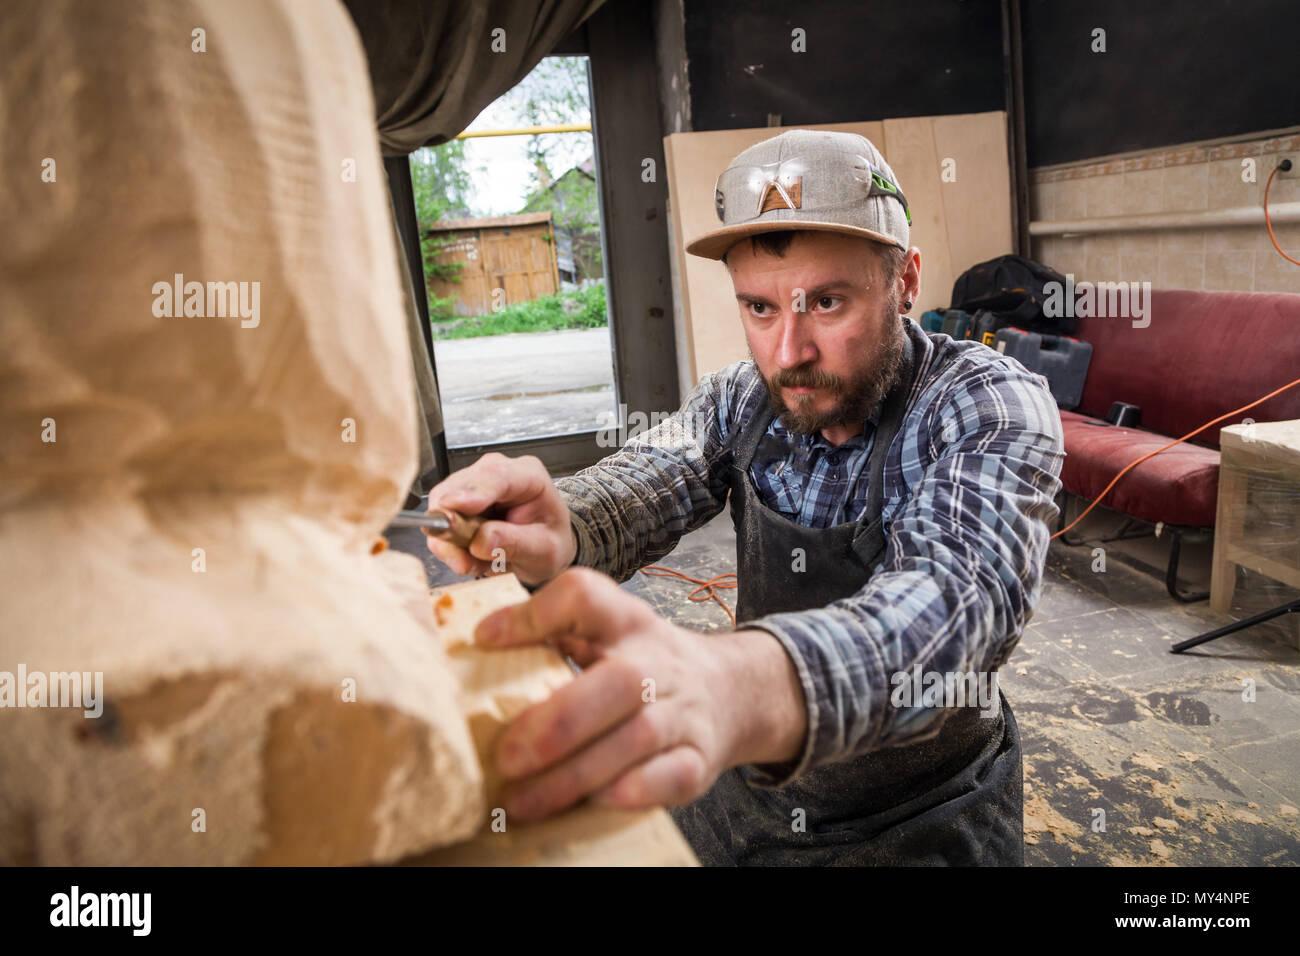 Joven carpintero en una ropa de trabajo sierra a la cabeza de un hombre con un árbol , utilizando un cincel en el taller, alrededor de un montón de herramientas para el trabajo Imagen De Stock